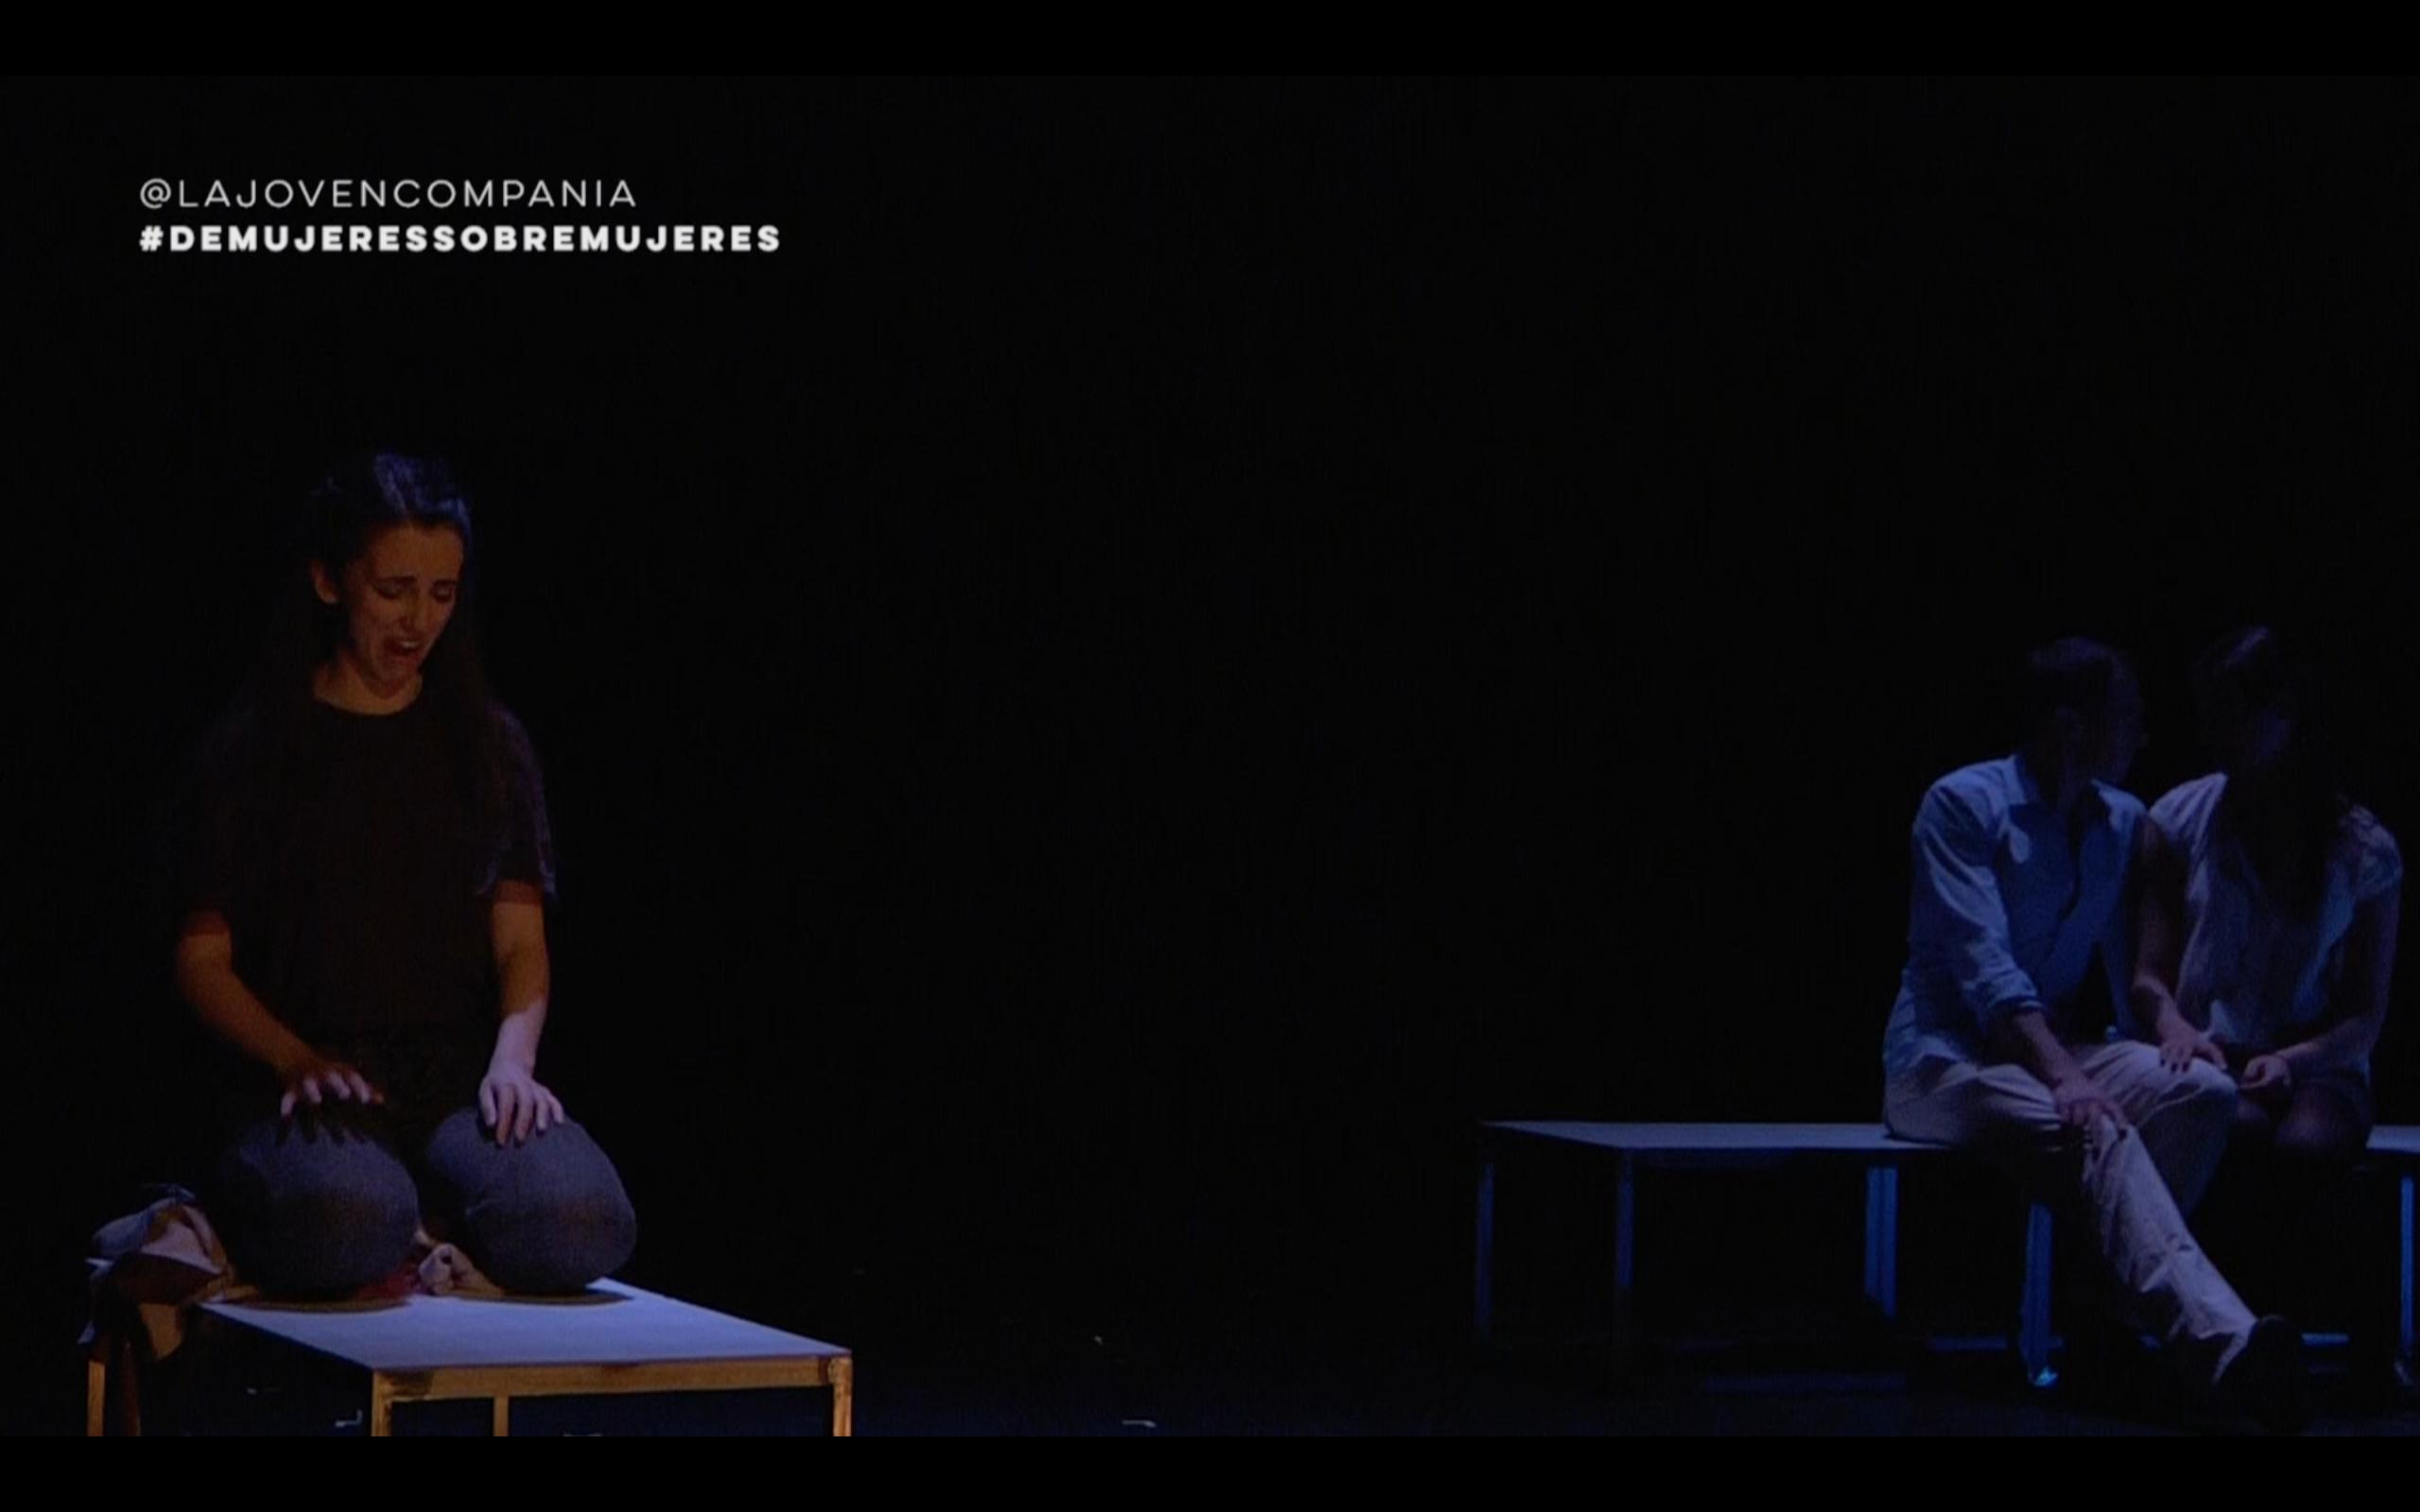 Escenografía: Lydia Garvín, Emma Pascual. De mujeres para mujeres.